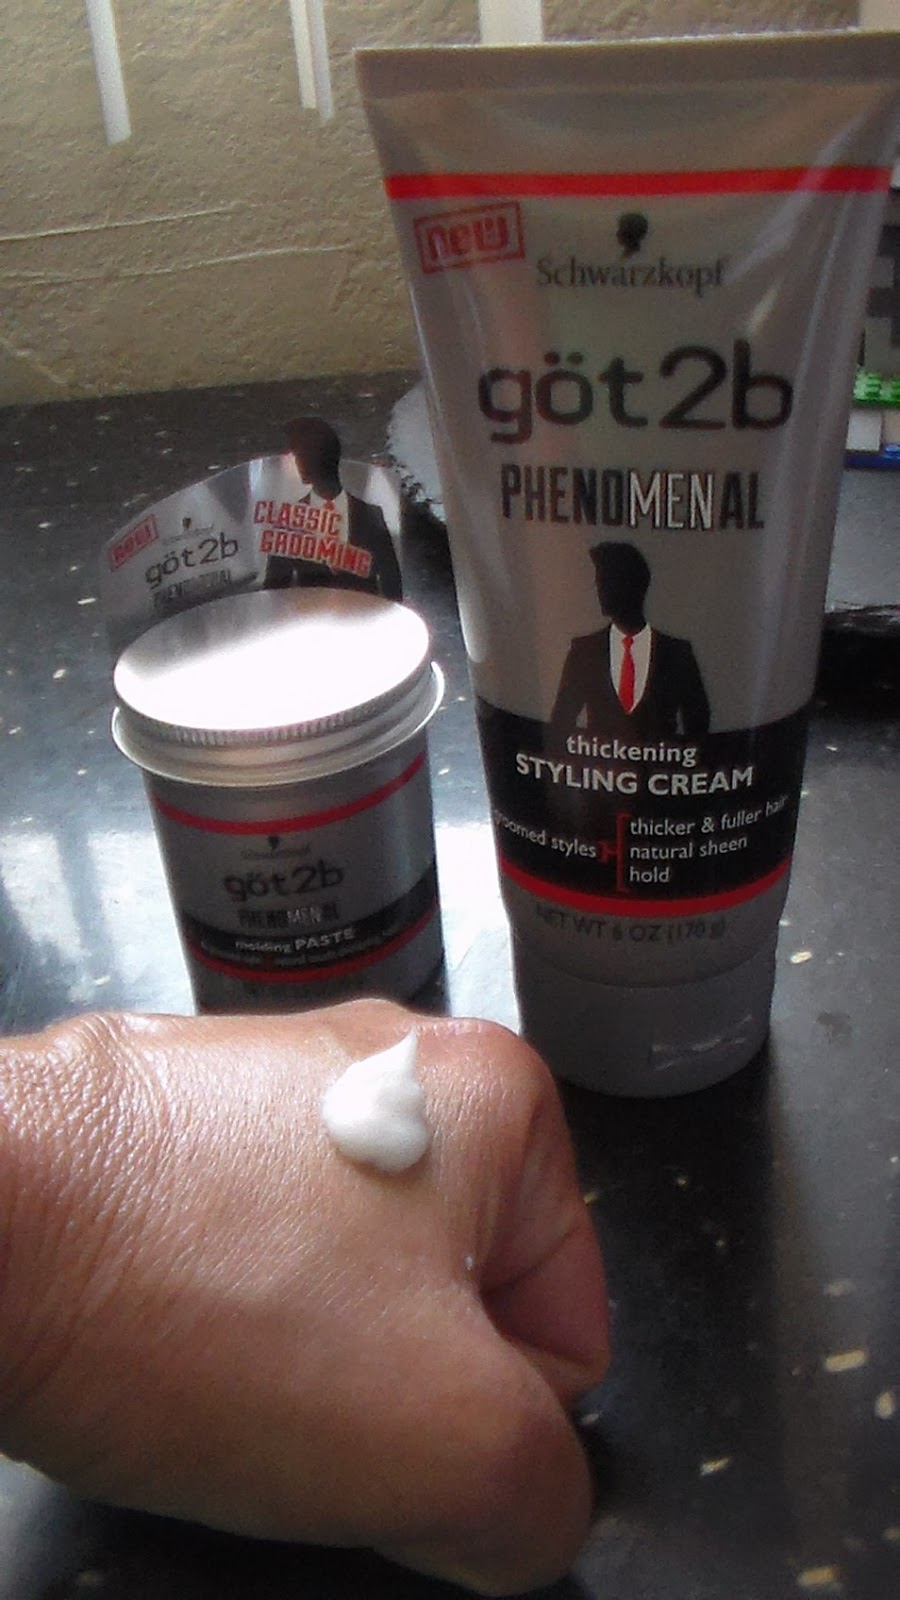 Got2b Phenomenal Molding Paste Review Hairstyle Inspirations 2018 Schwarzkopf Playful Matt Makeup University Inc Styling